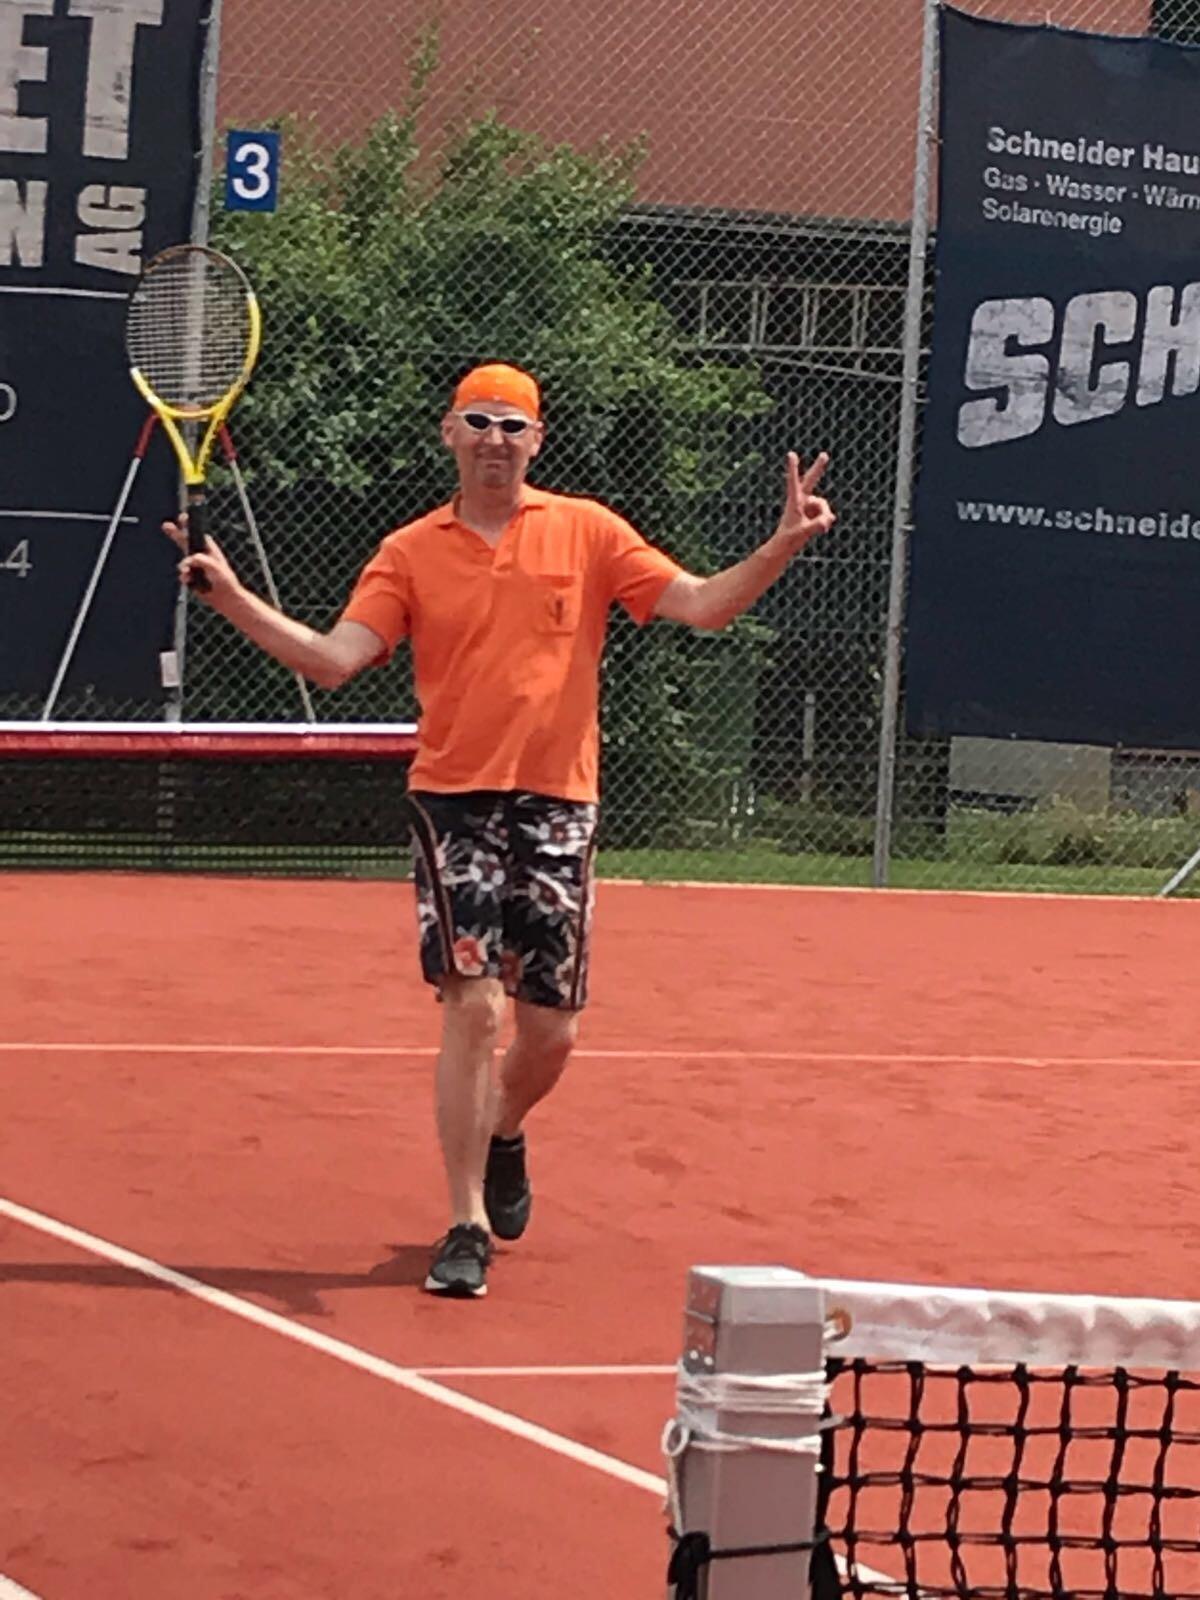 Tennisplausch 2018